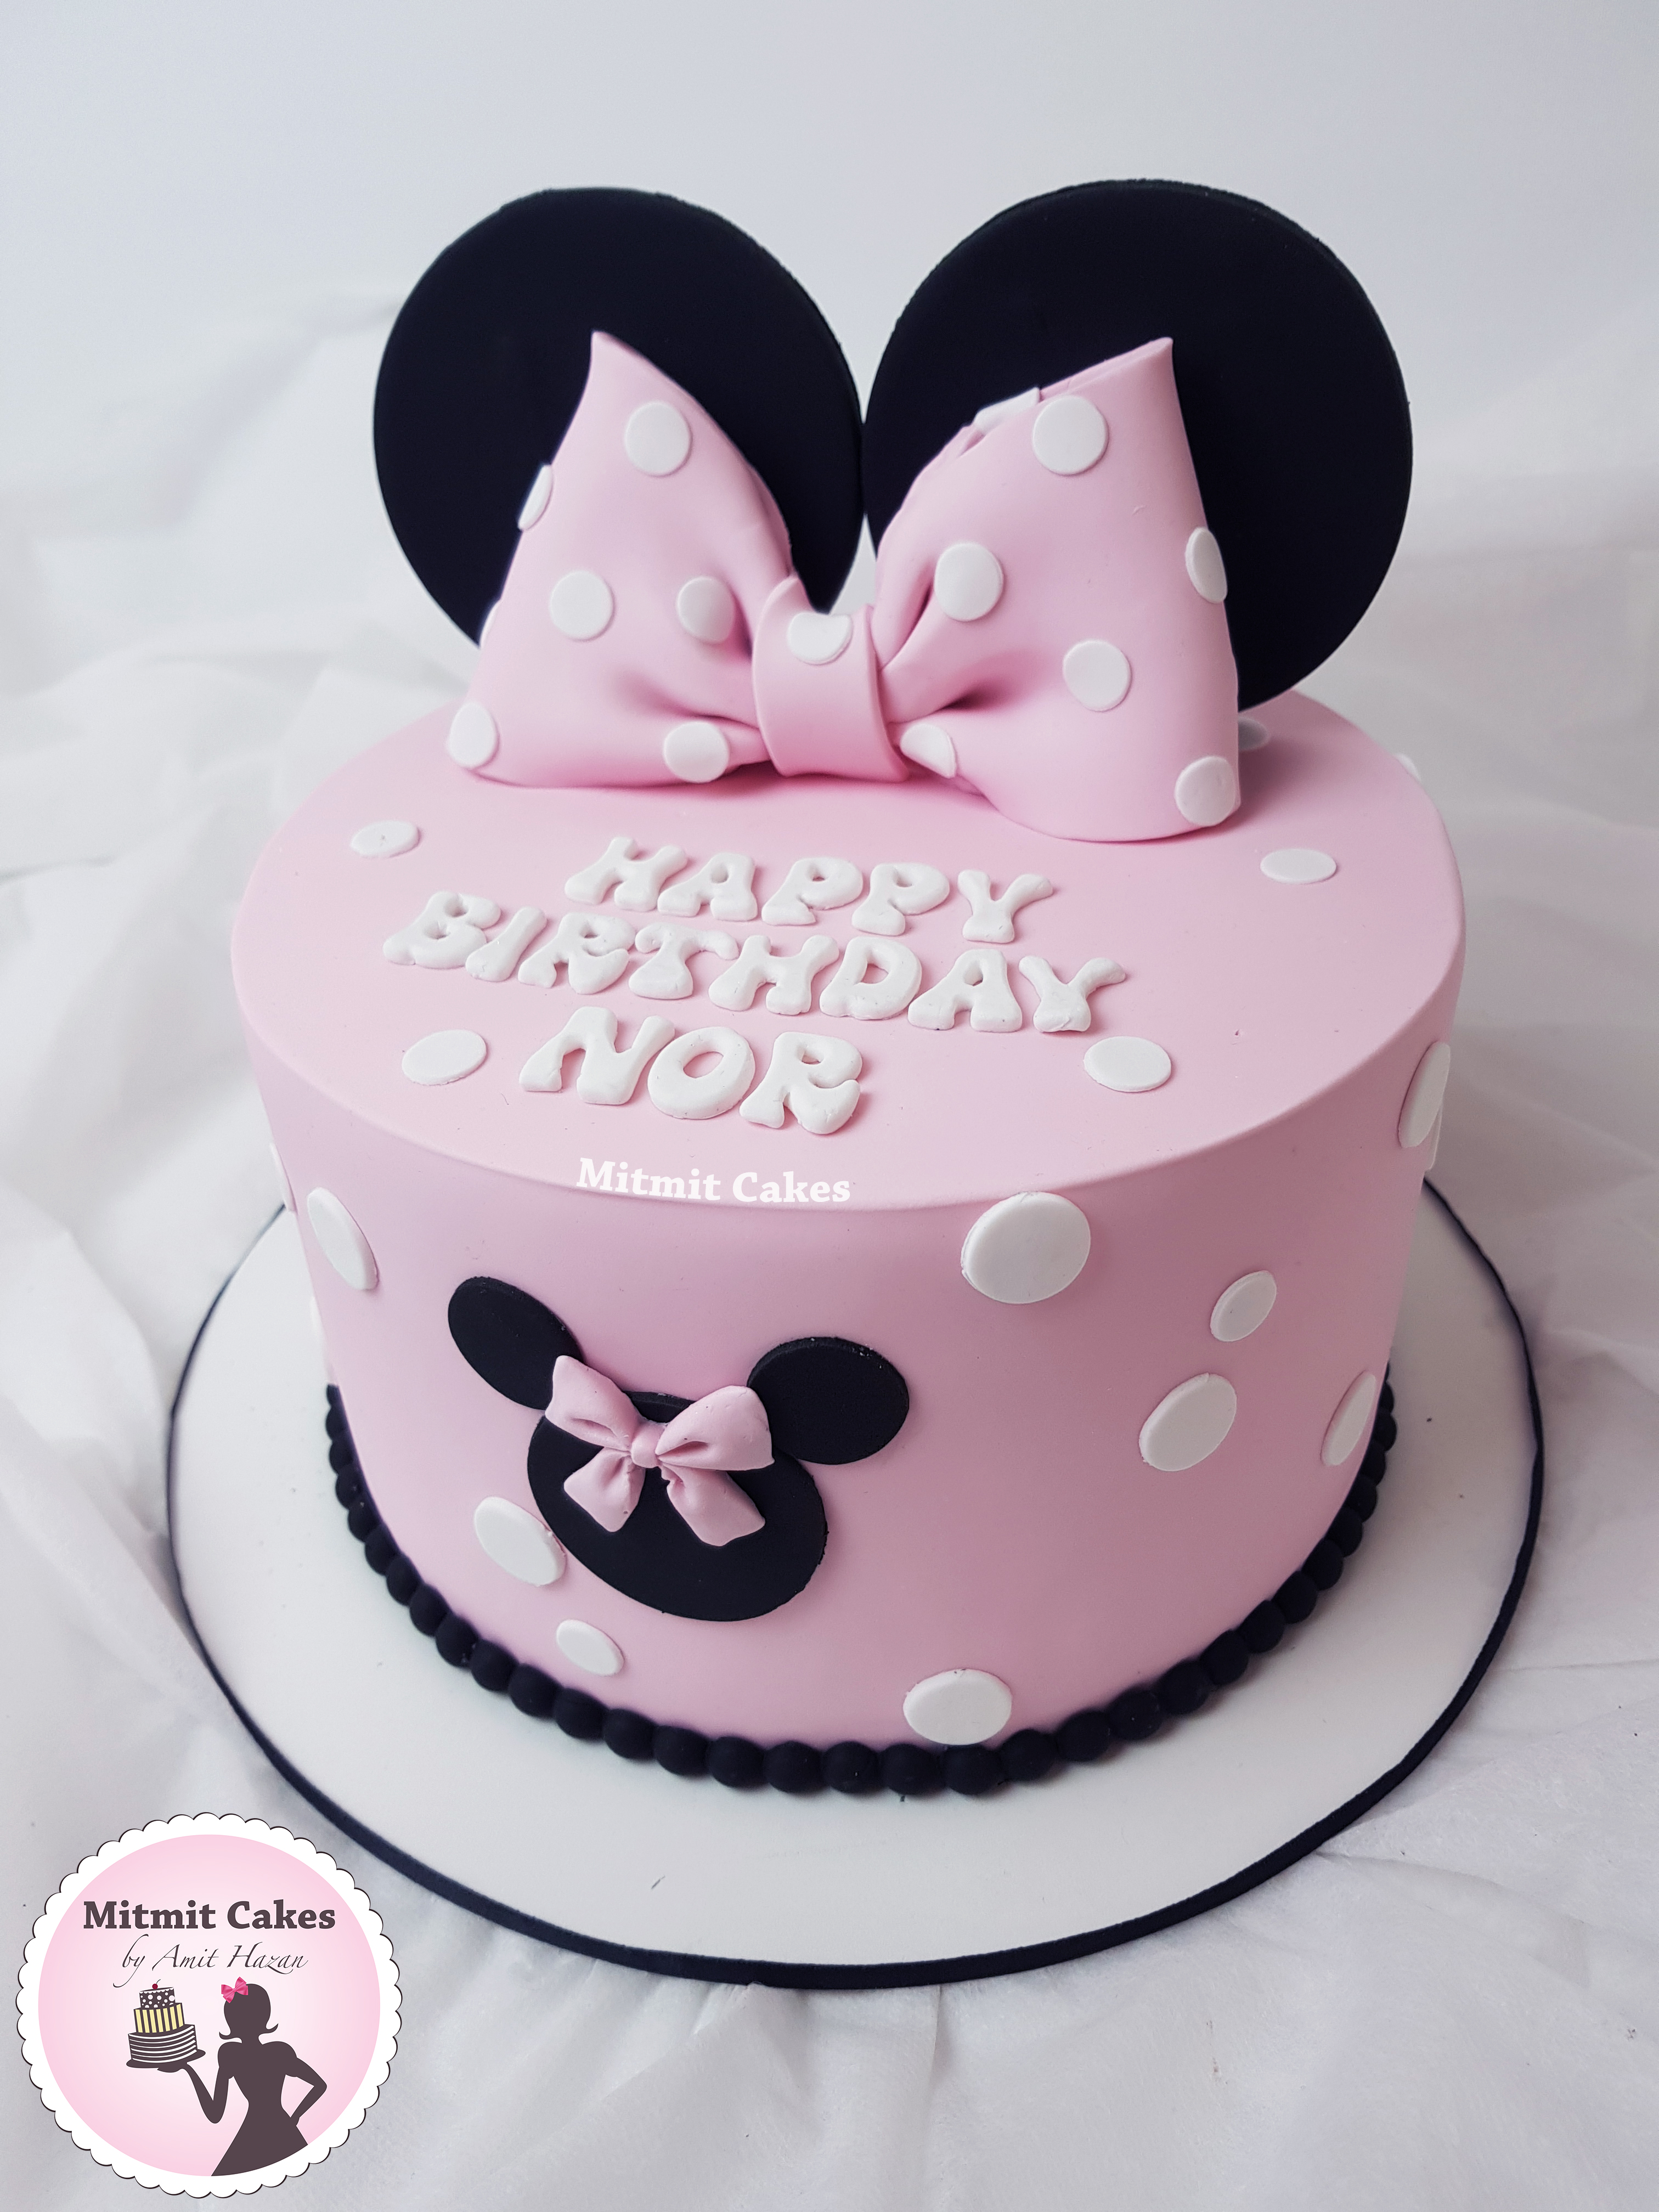 עוגת מיני מאוס